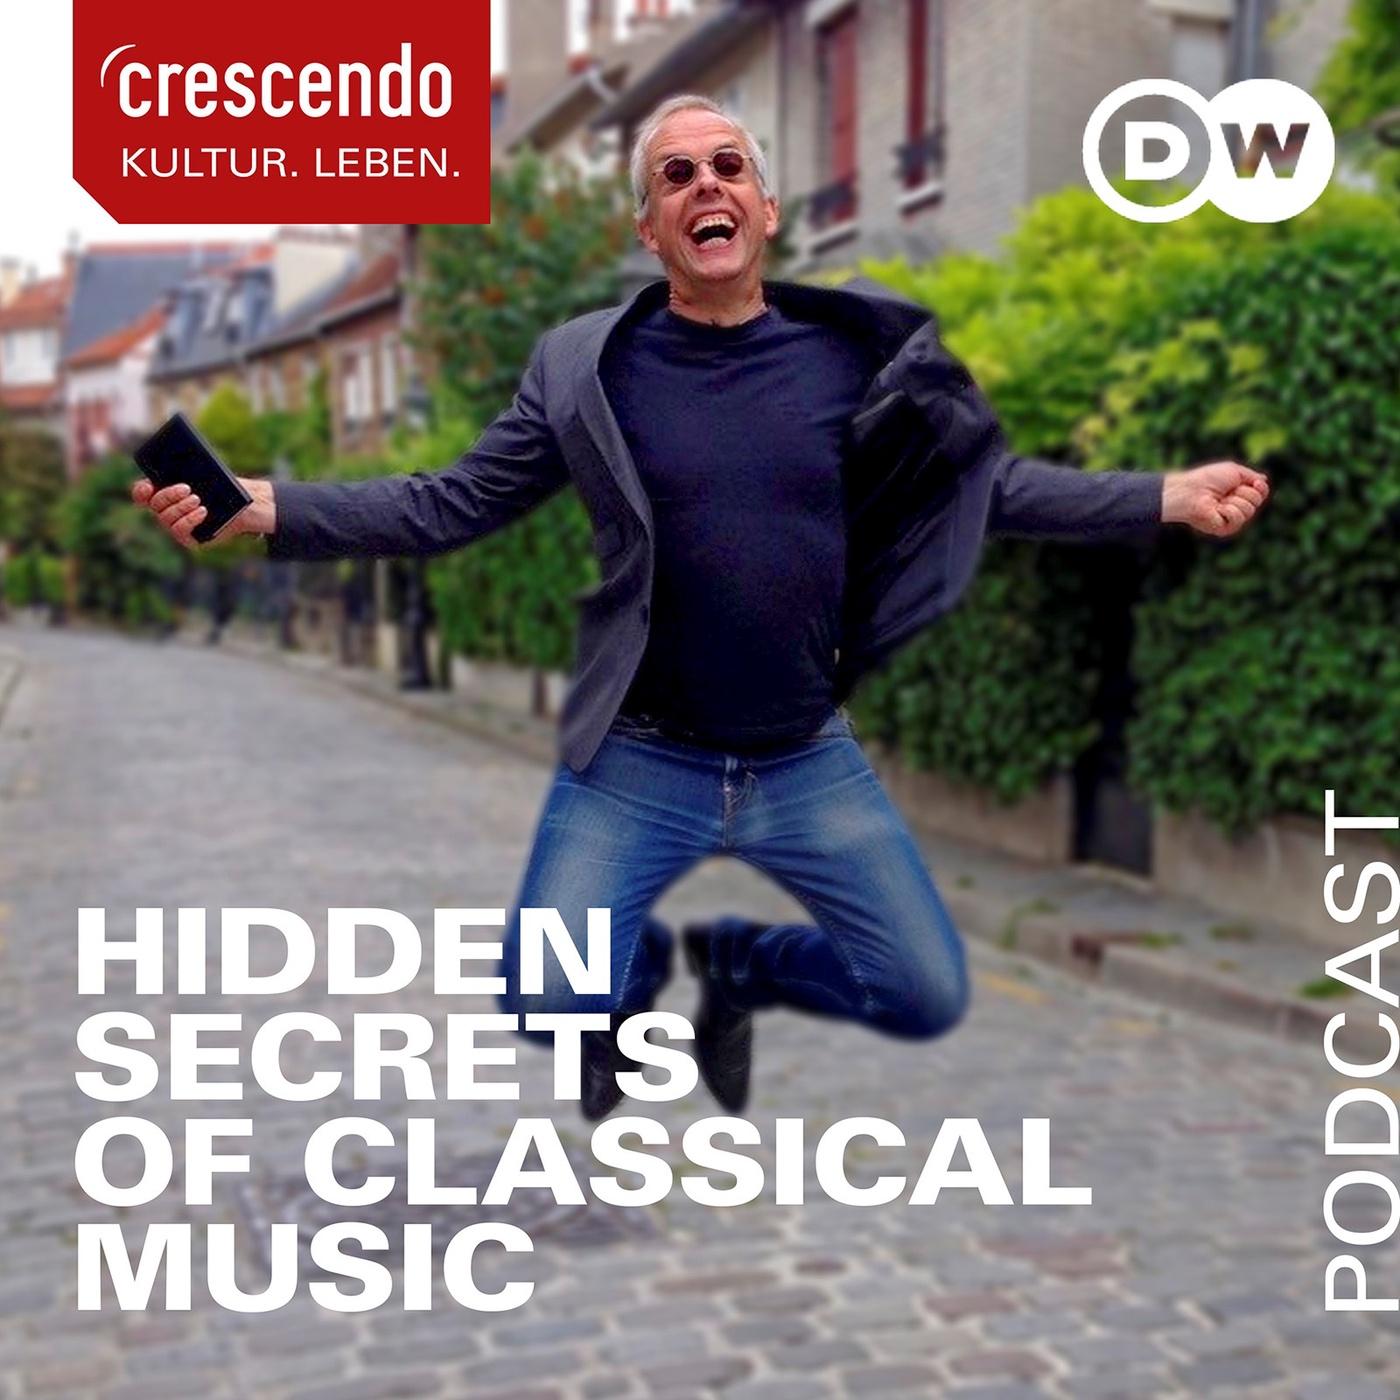 Hidden Secrets of Classical Music